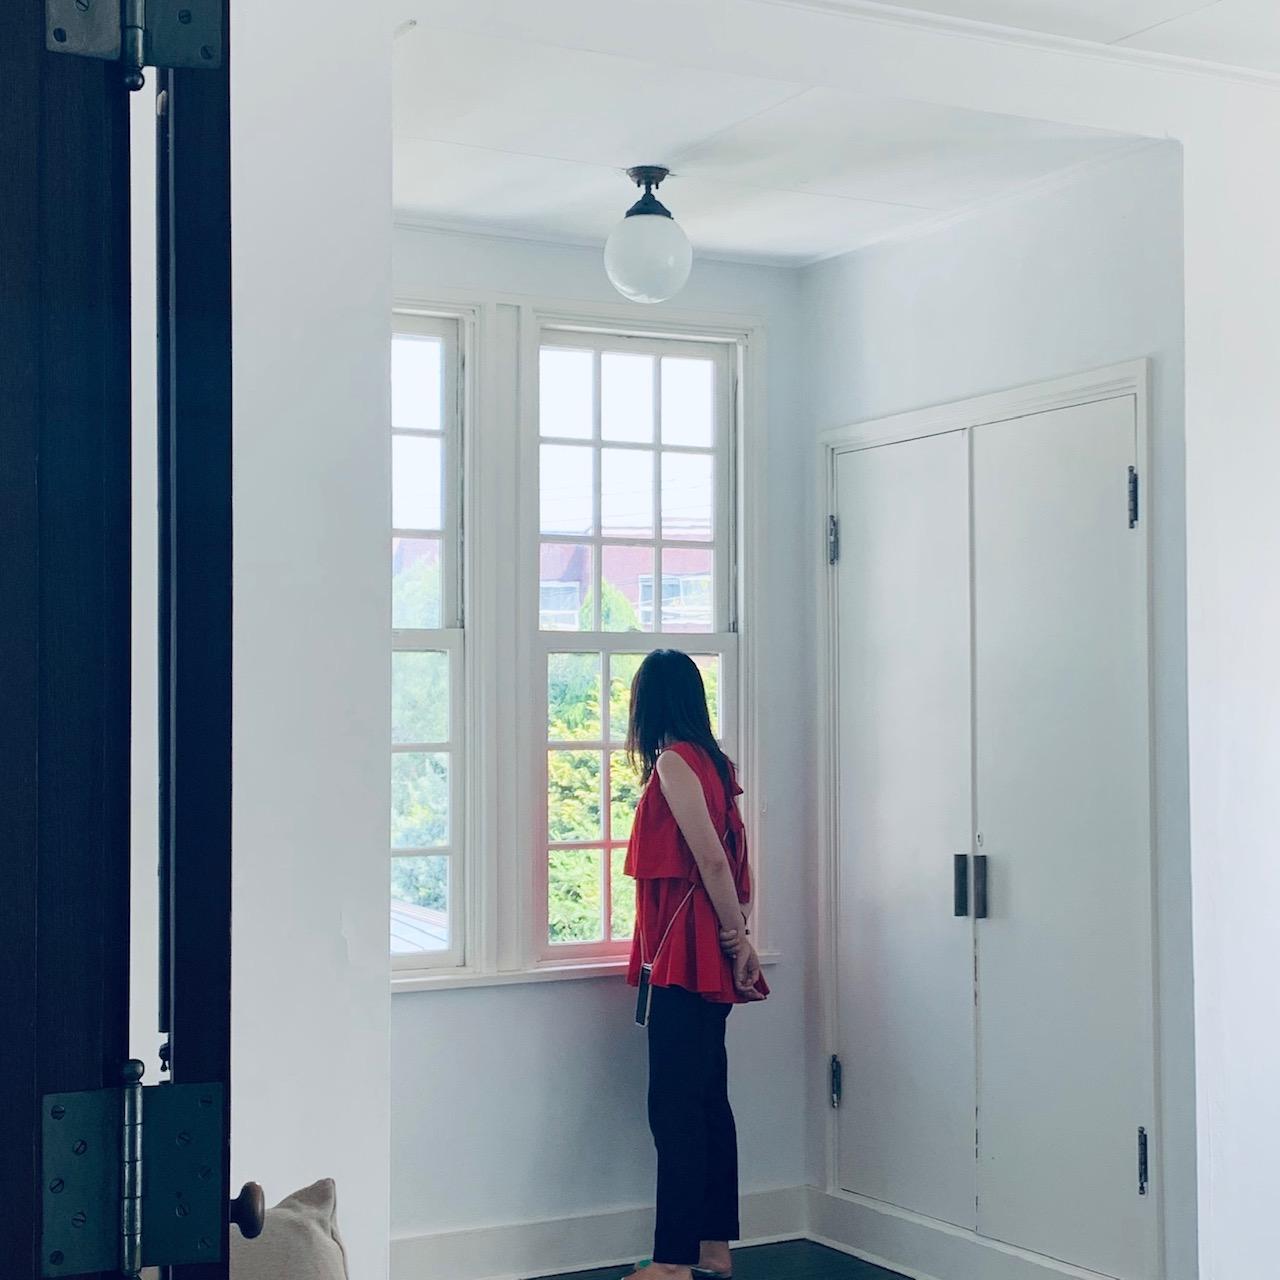 【撮影日のライター北山】この日もSEVEN TEN by MIHO KAWAHITOの赤ペプラムトップス×パンツ♡ 足元はもちろんぺたんこでした。神戸出身ゆえ、ミーハー魂ありつつも根がコンサバ、とは本人の弁。VERYでも活躍中。